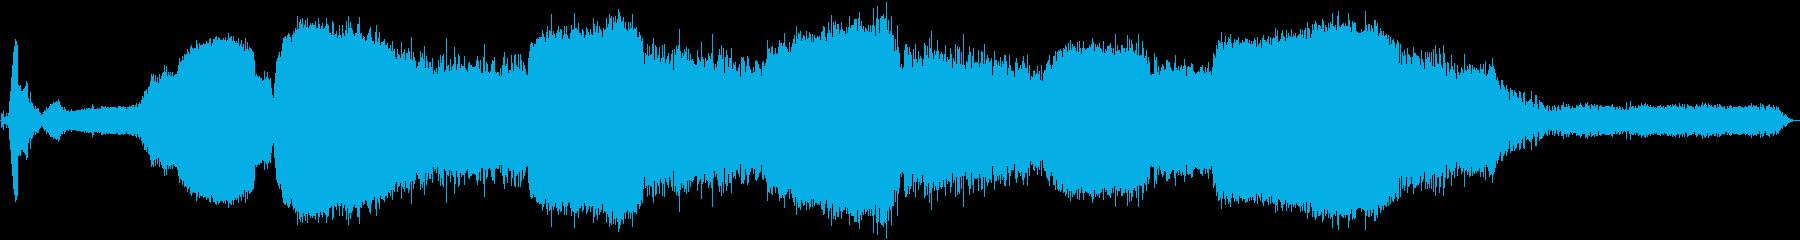 1962ジャガータイプE:内線:オ...の再生済みの波形